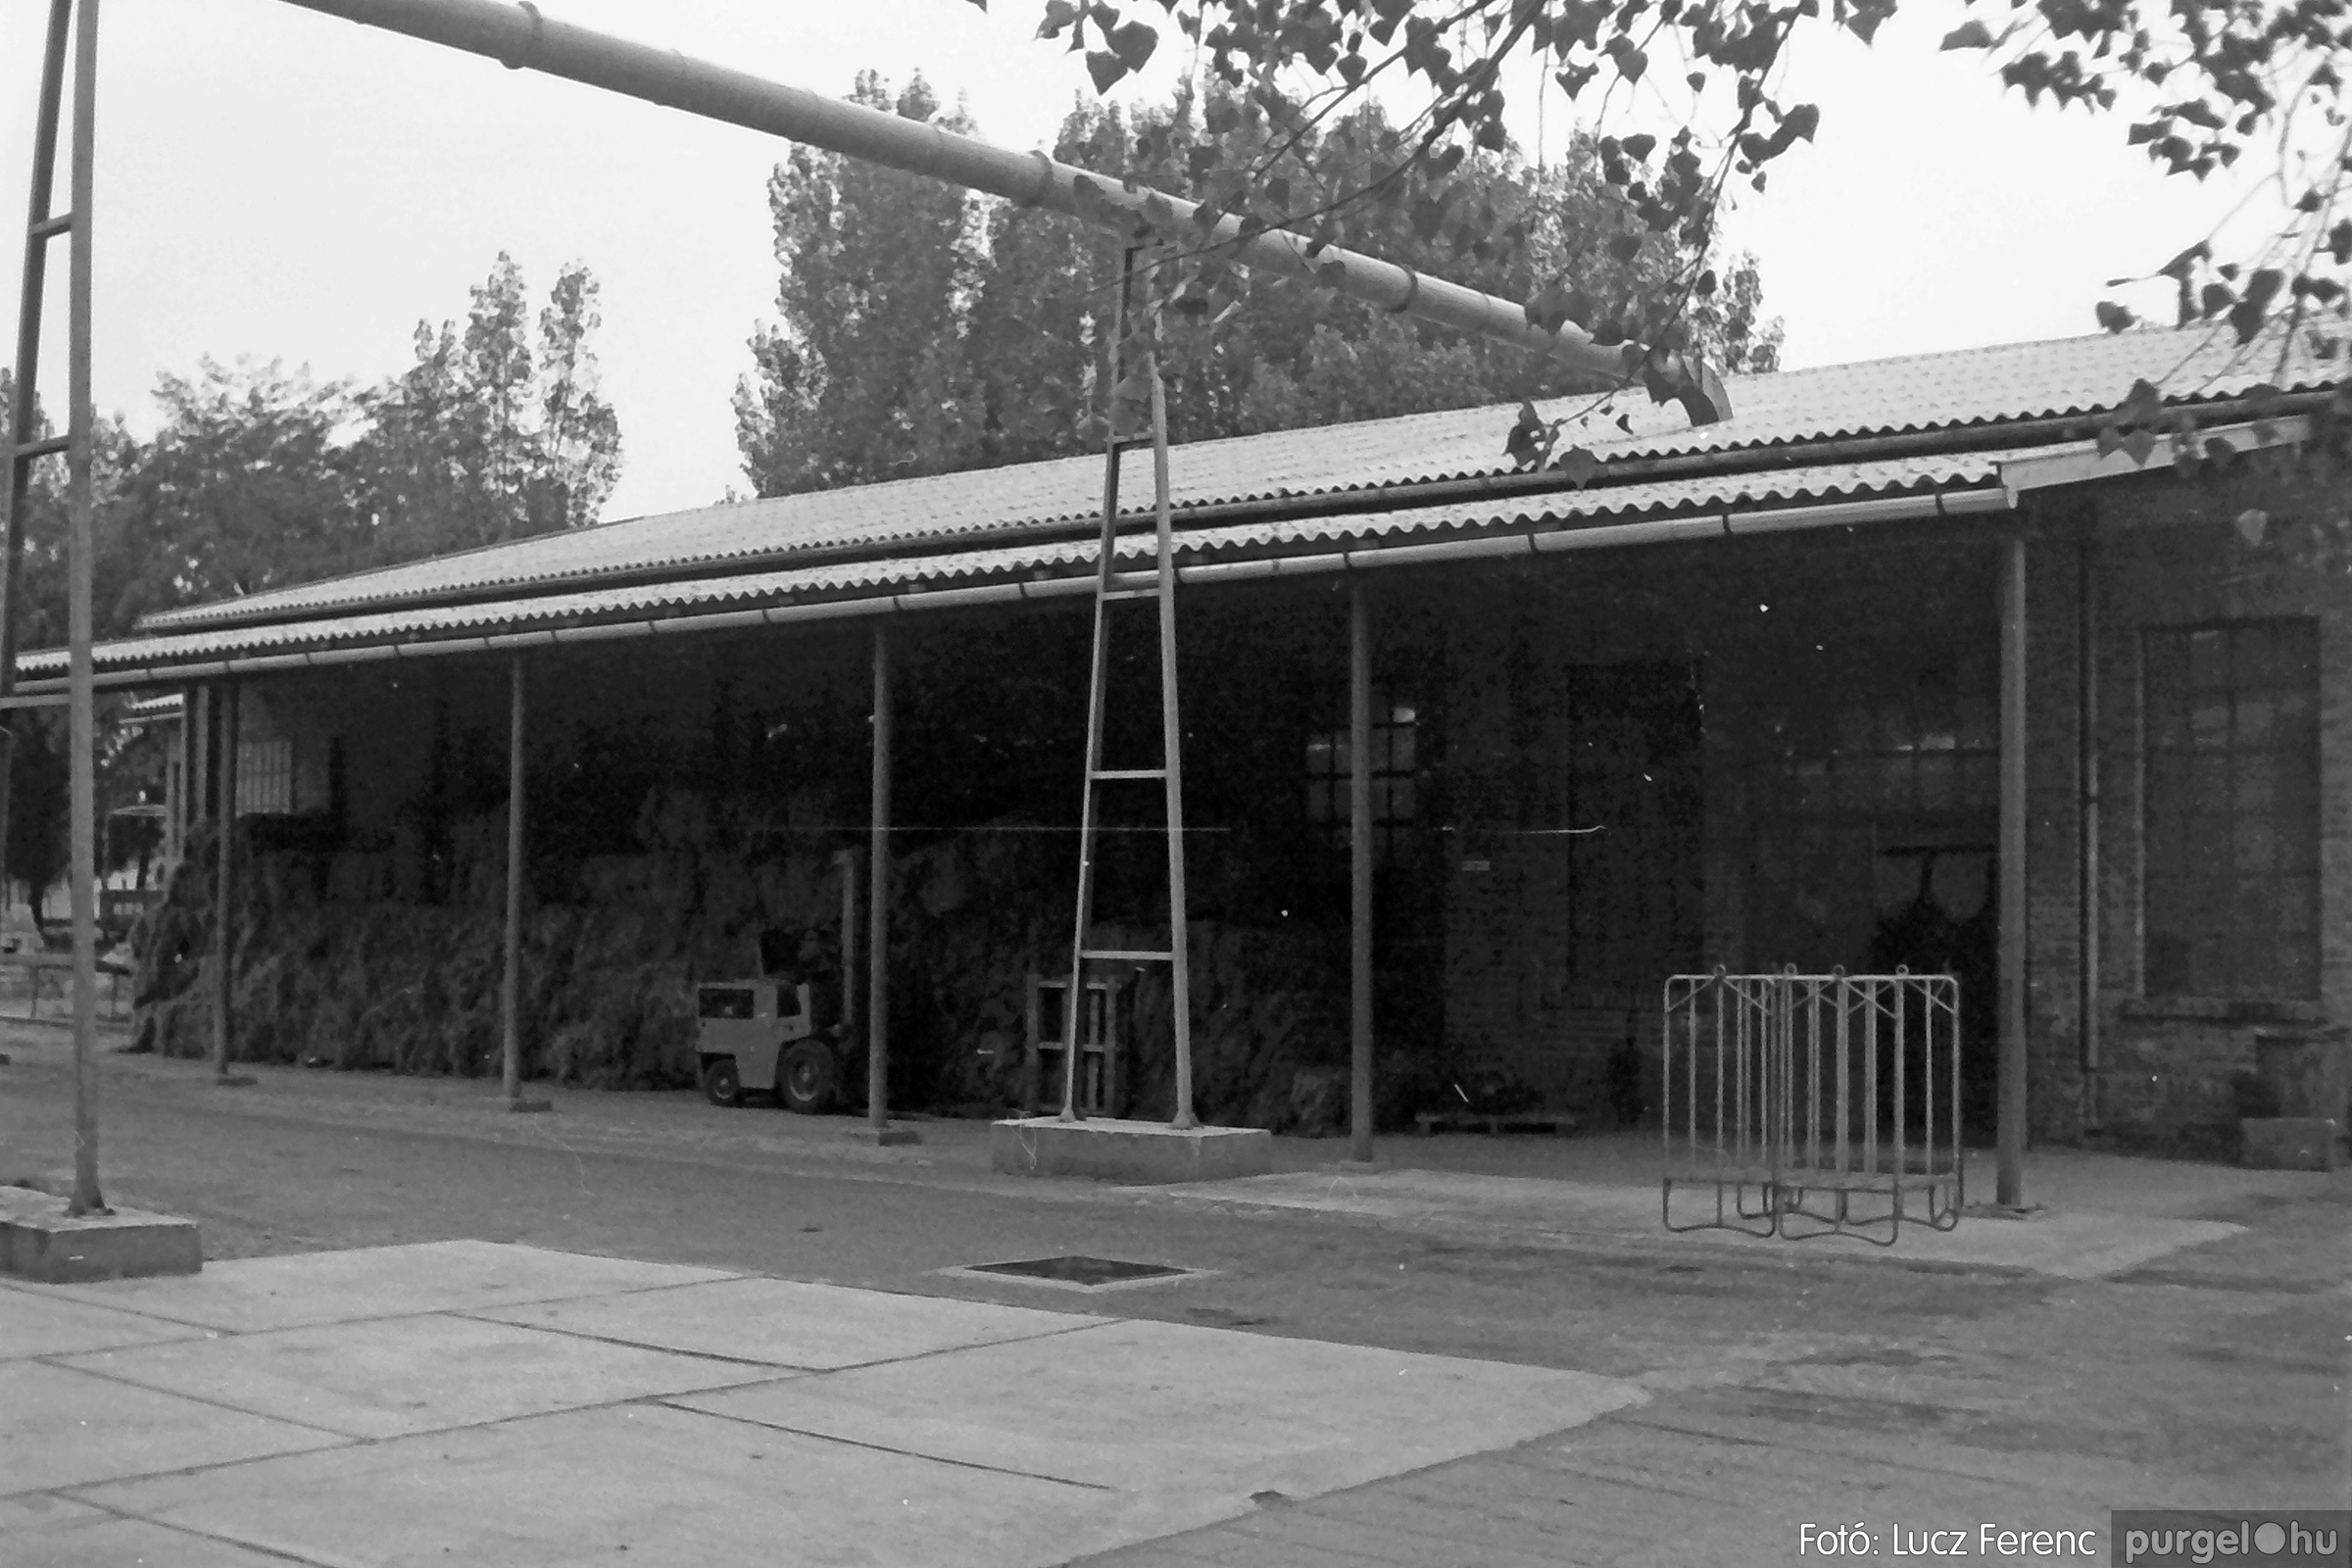 088A. 1977. Nyugdíjas találkozó a Kendergyárban 014. - Fotó: Lucz Ferenc.jpg